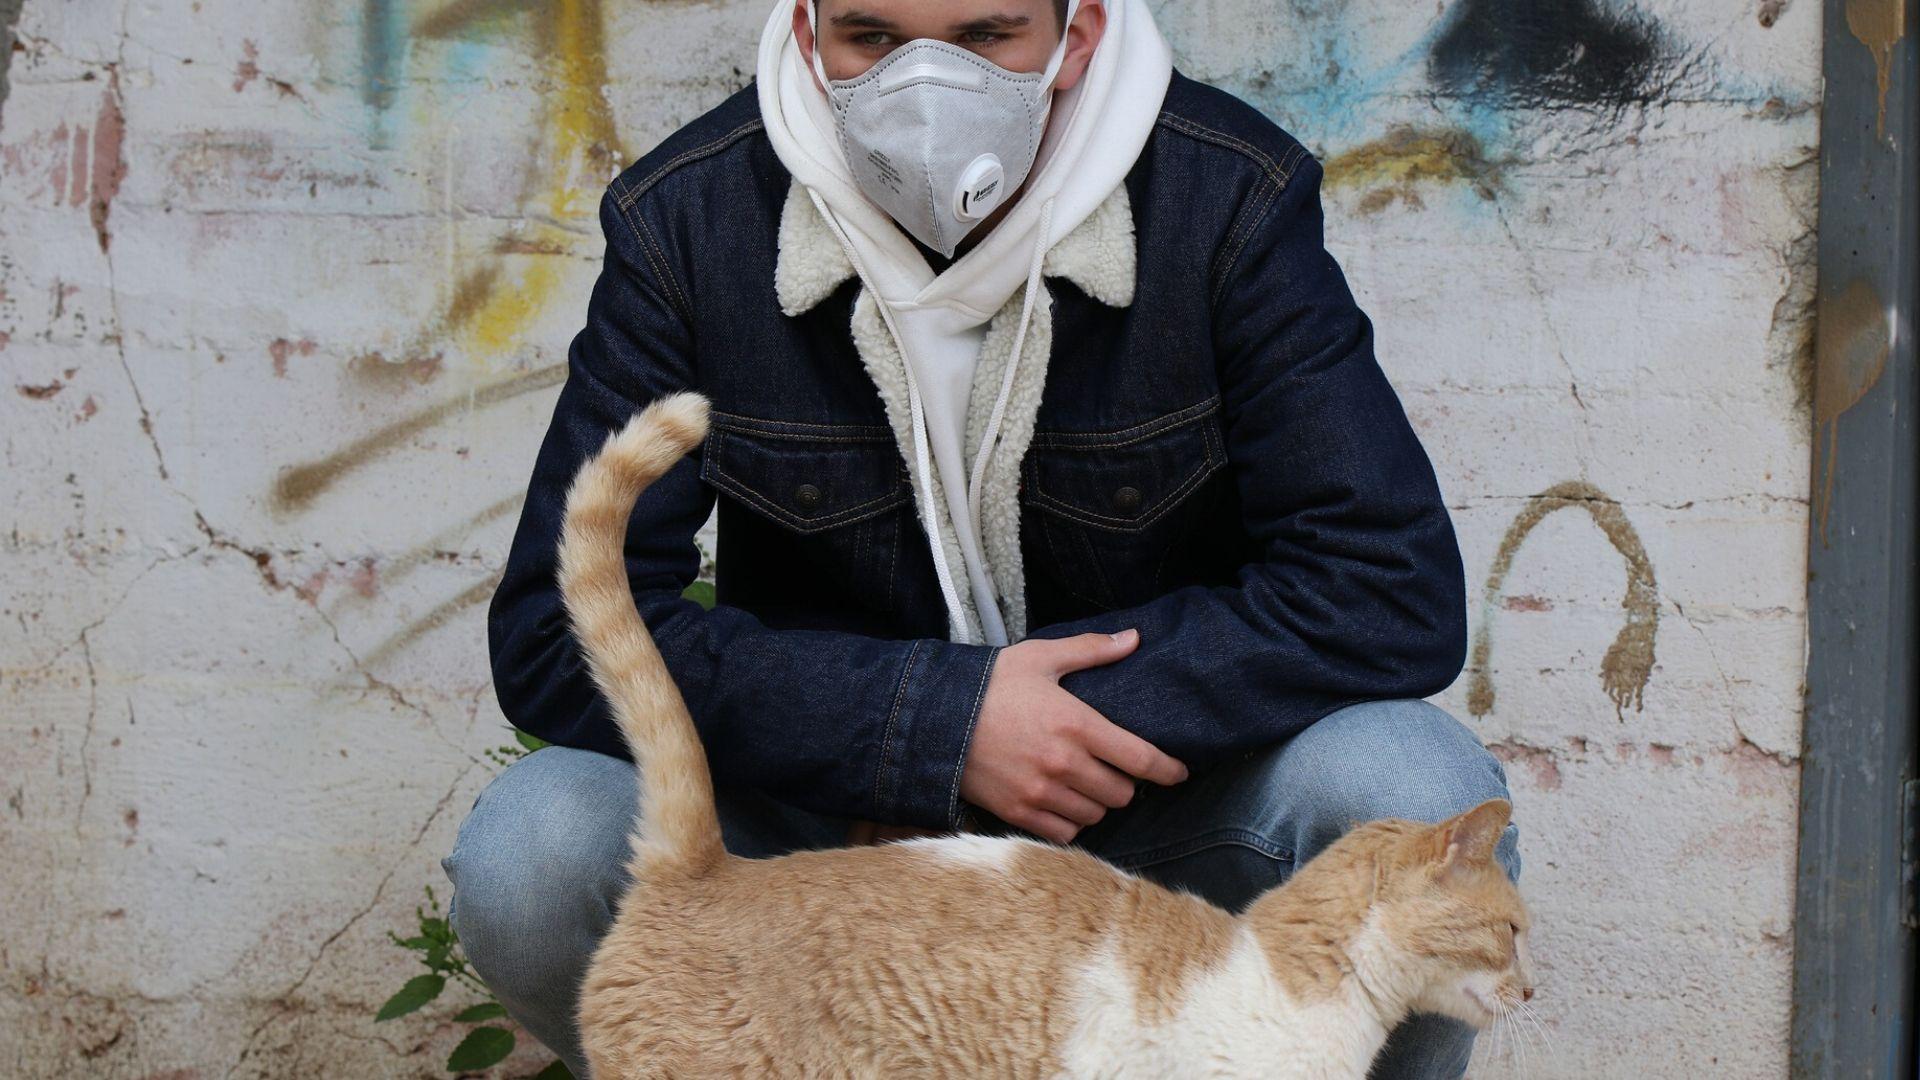 Кошка и человек в маске